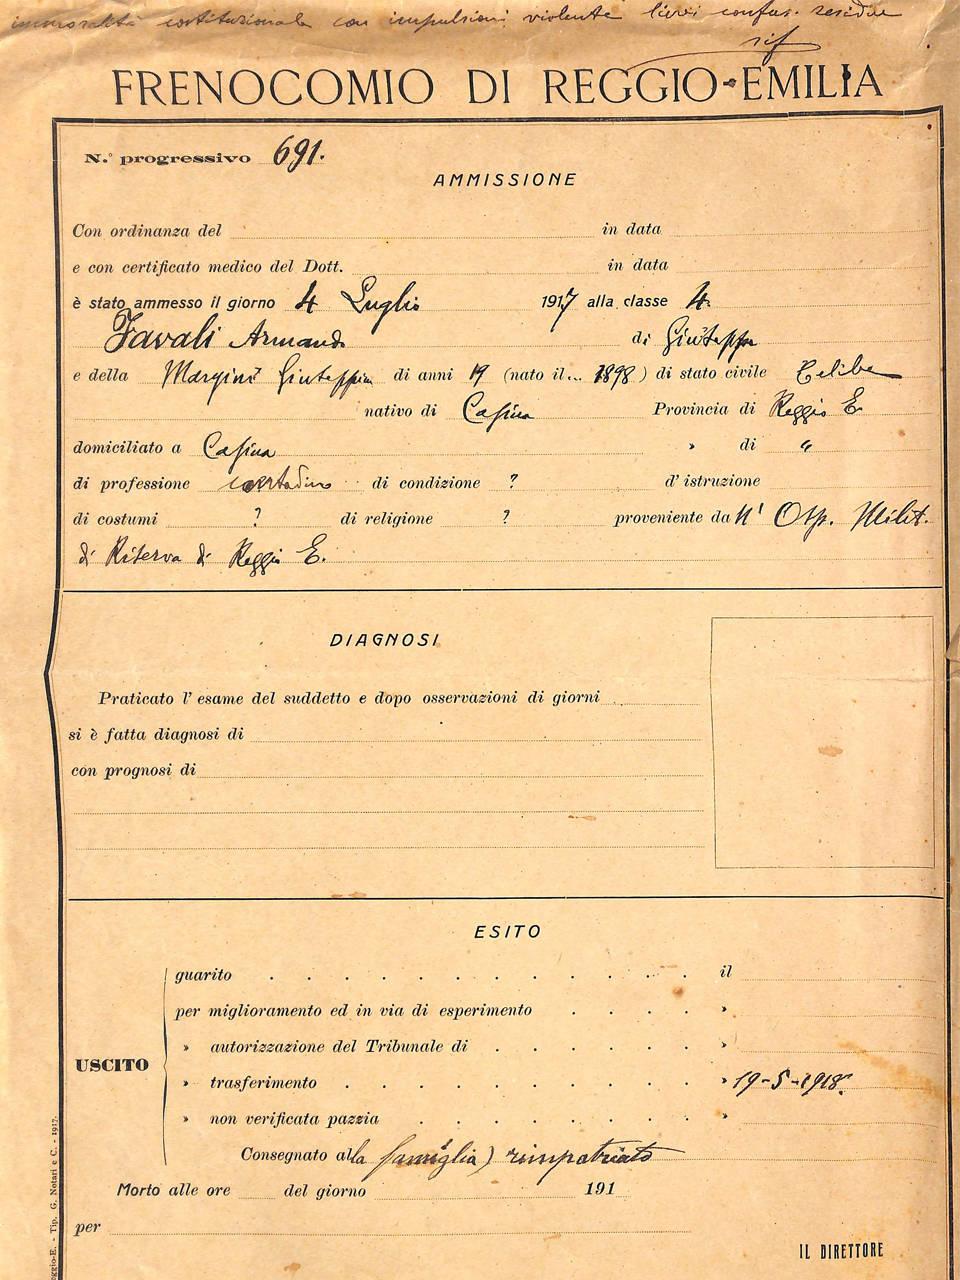 cartella clinica Armando F.  - archivio ospedale psichiatrico san lazzaro di reggio emilia - ausl re